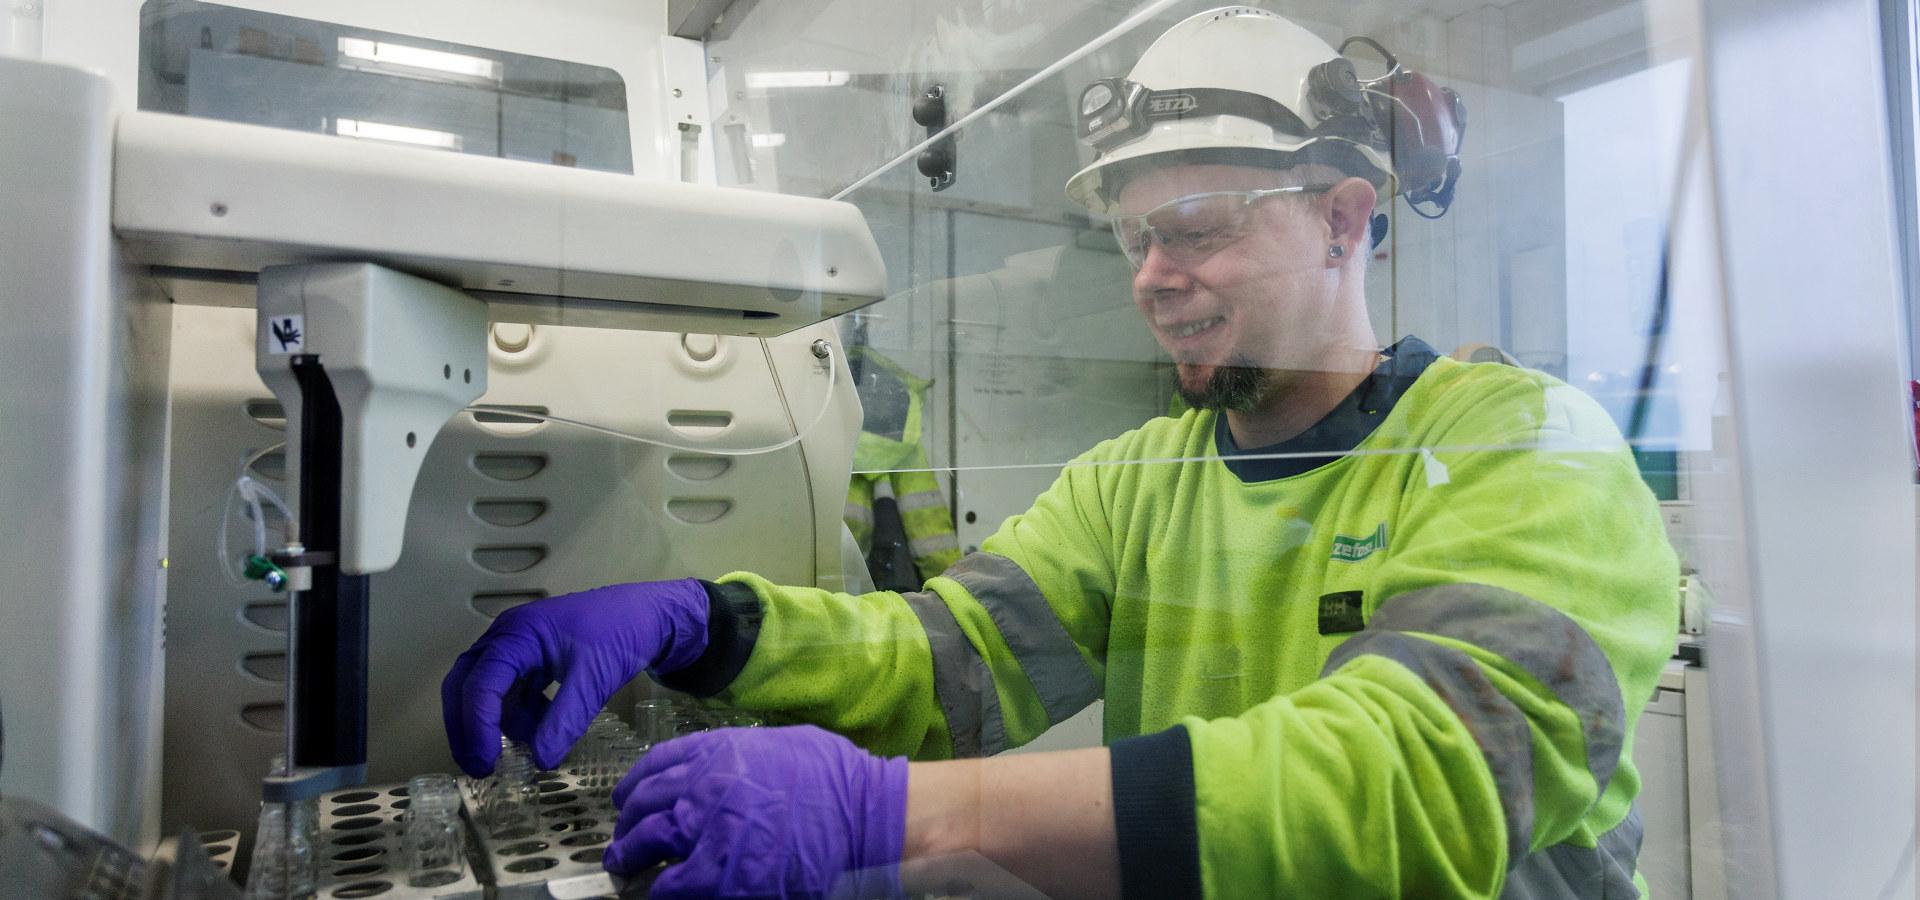 Svein Magnussen er operatør på vannrens på Eide. Foto: Franzefoss